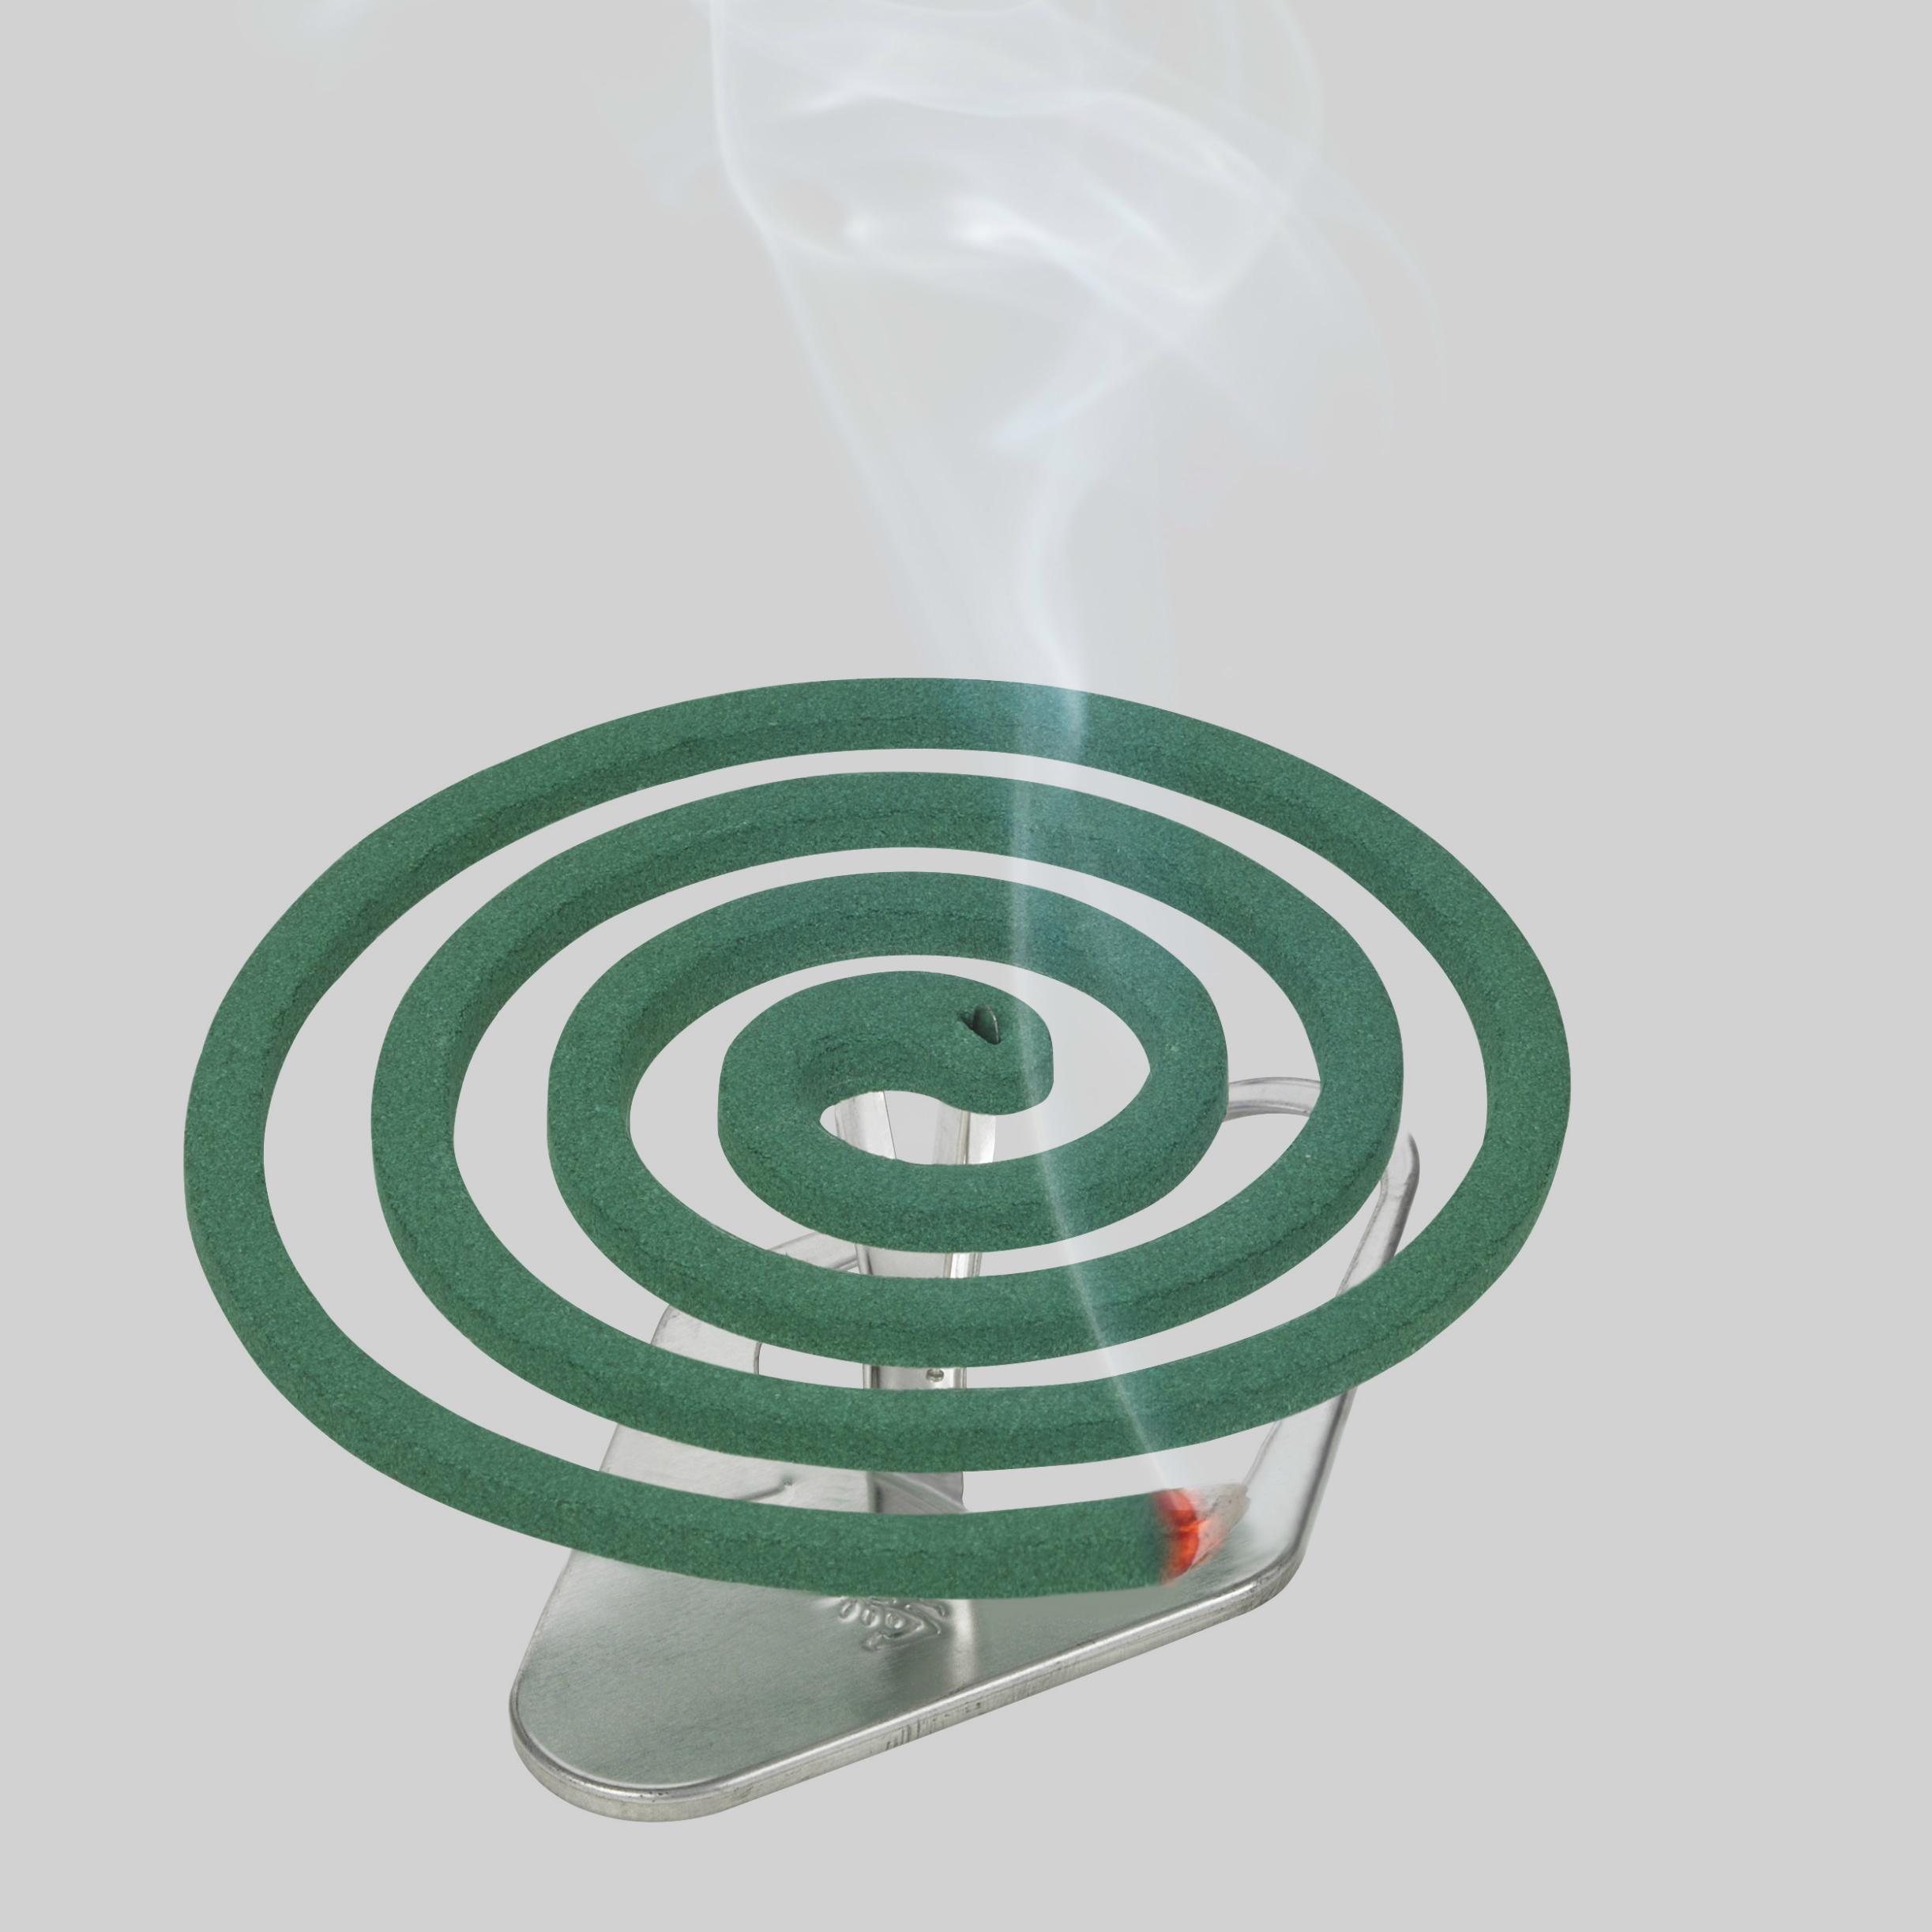 蚊取り線香が渦巻き状になった理由とは? ロングセラー商品の秘密を紐解く!